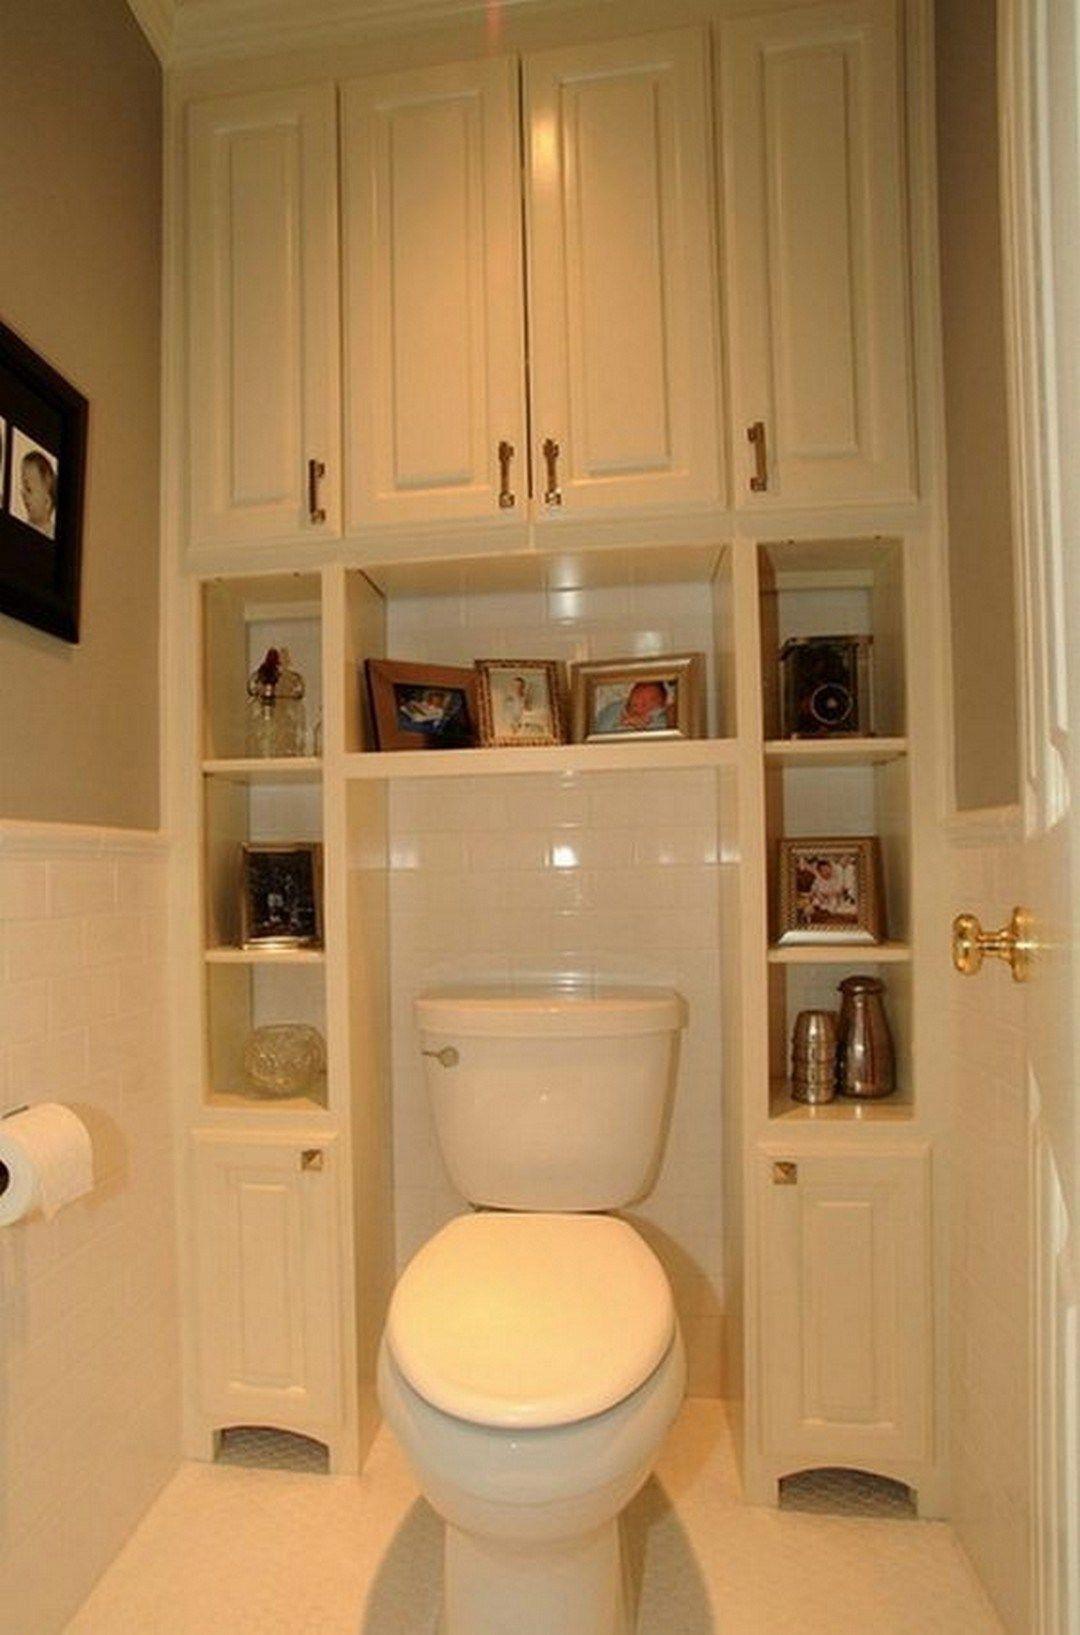 Организация пространства в ванной комнате фото 15